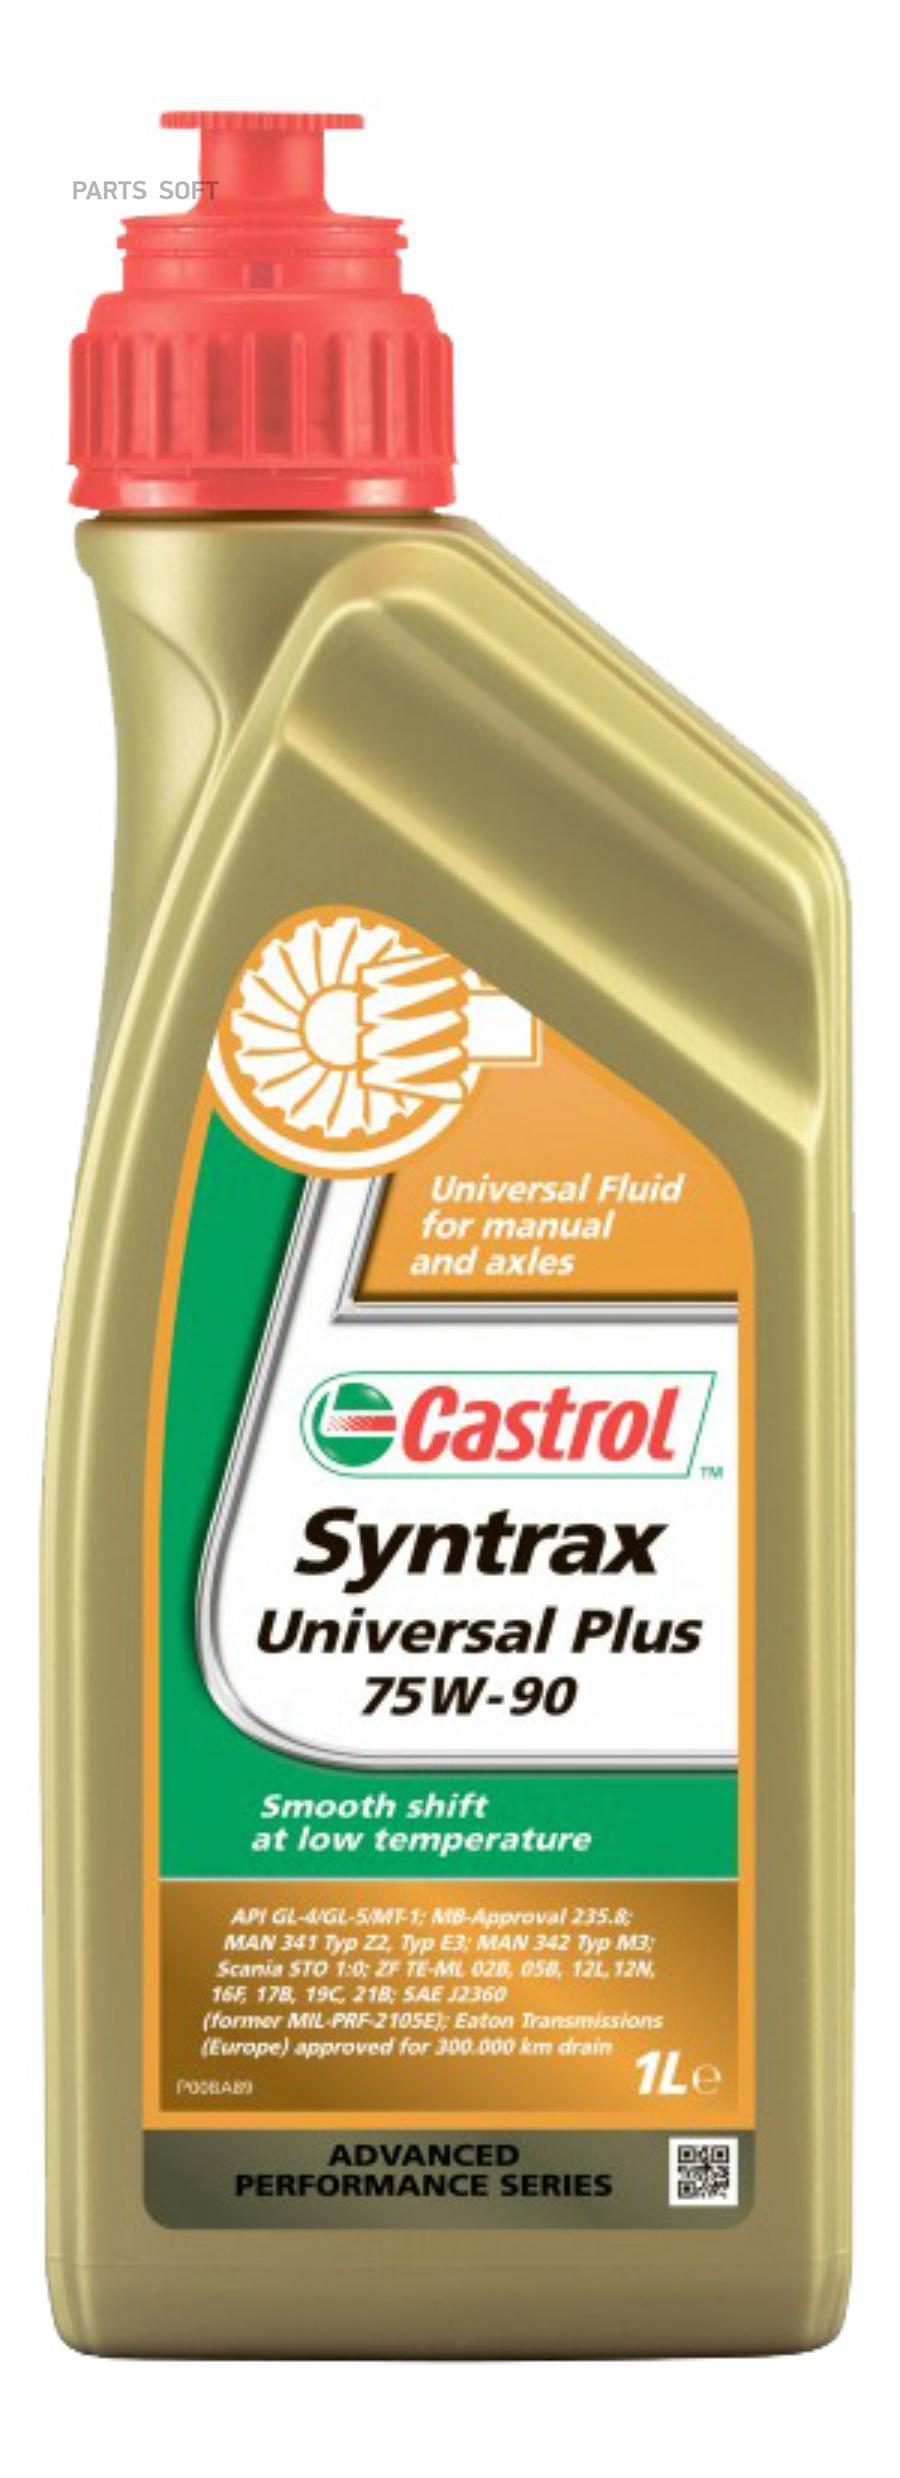 Универсальное трансмиссионное масло Castrol Syntrax Universal Plus 75W-90, 1 л